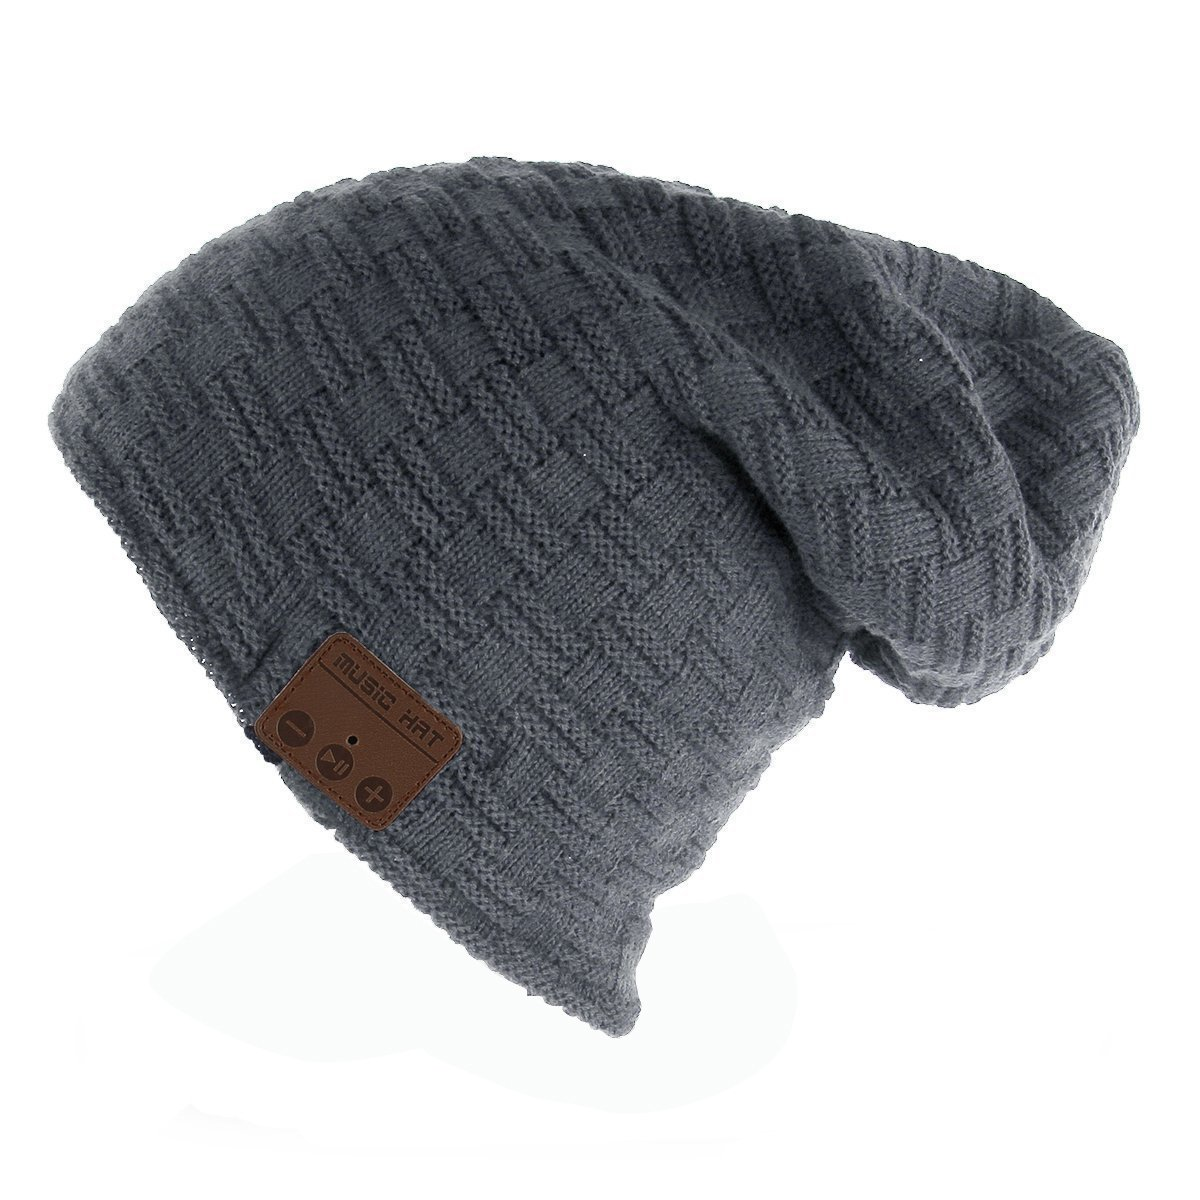 Cappello musicale, cappello auricolare Bluetooth per cuffie ANGTUO Cuffia in maglia calda morbida Ricevere chiamate e musica a ricezione delle mani senza fili